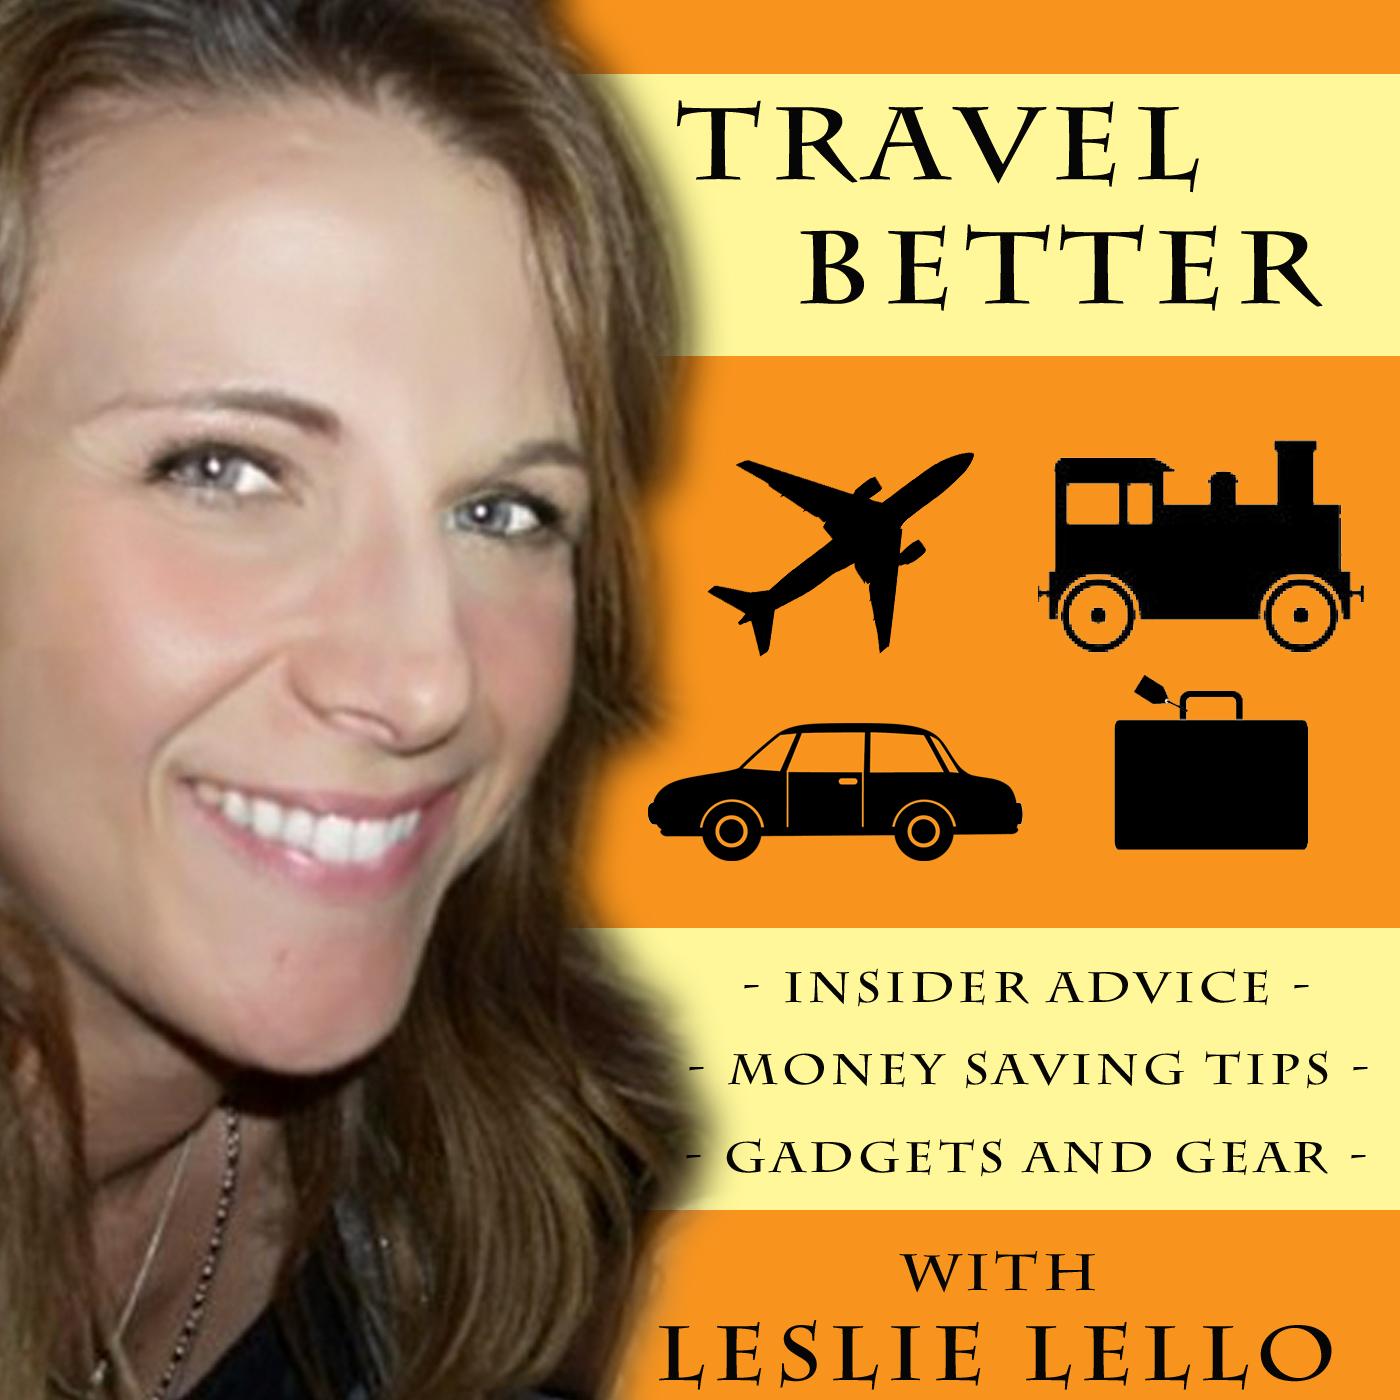 Travel Better